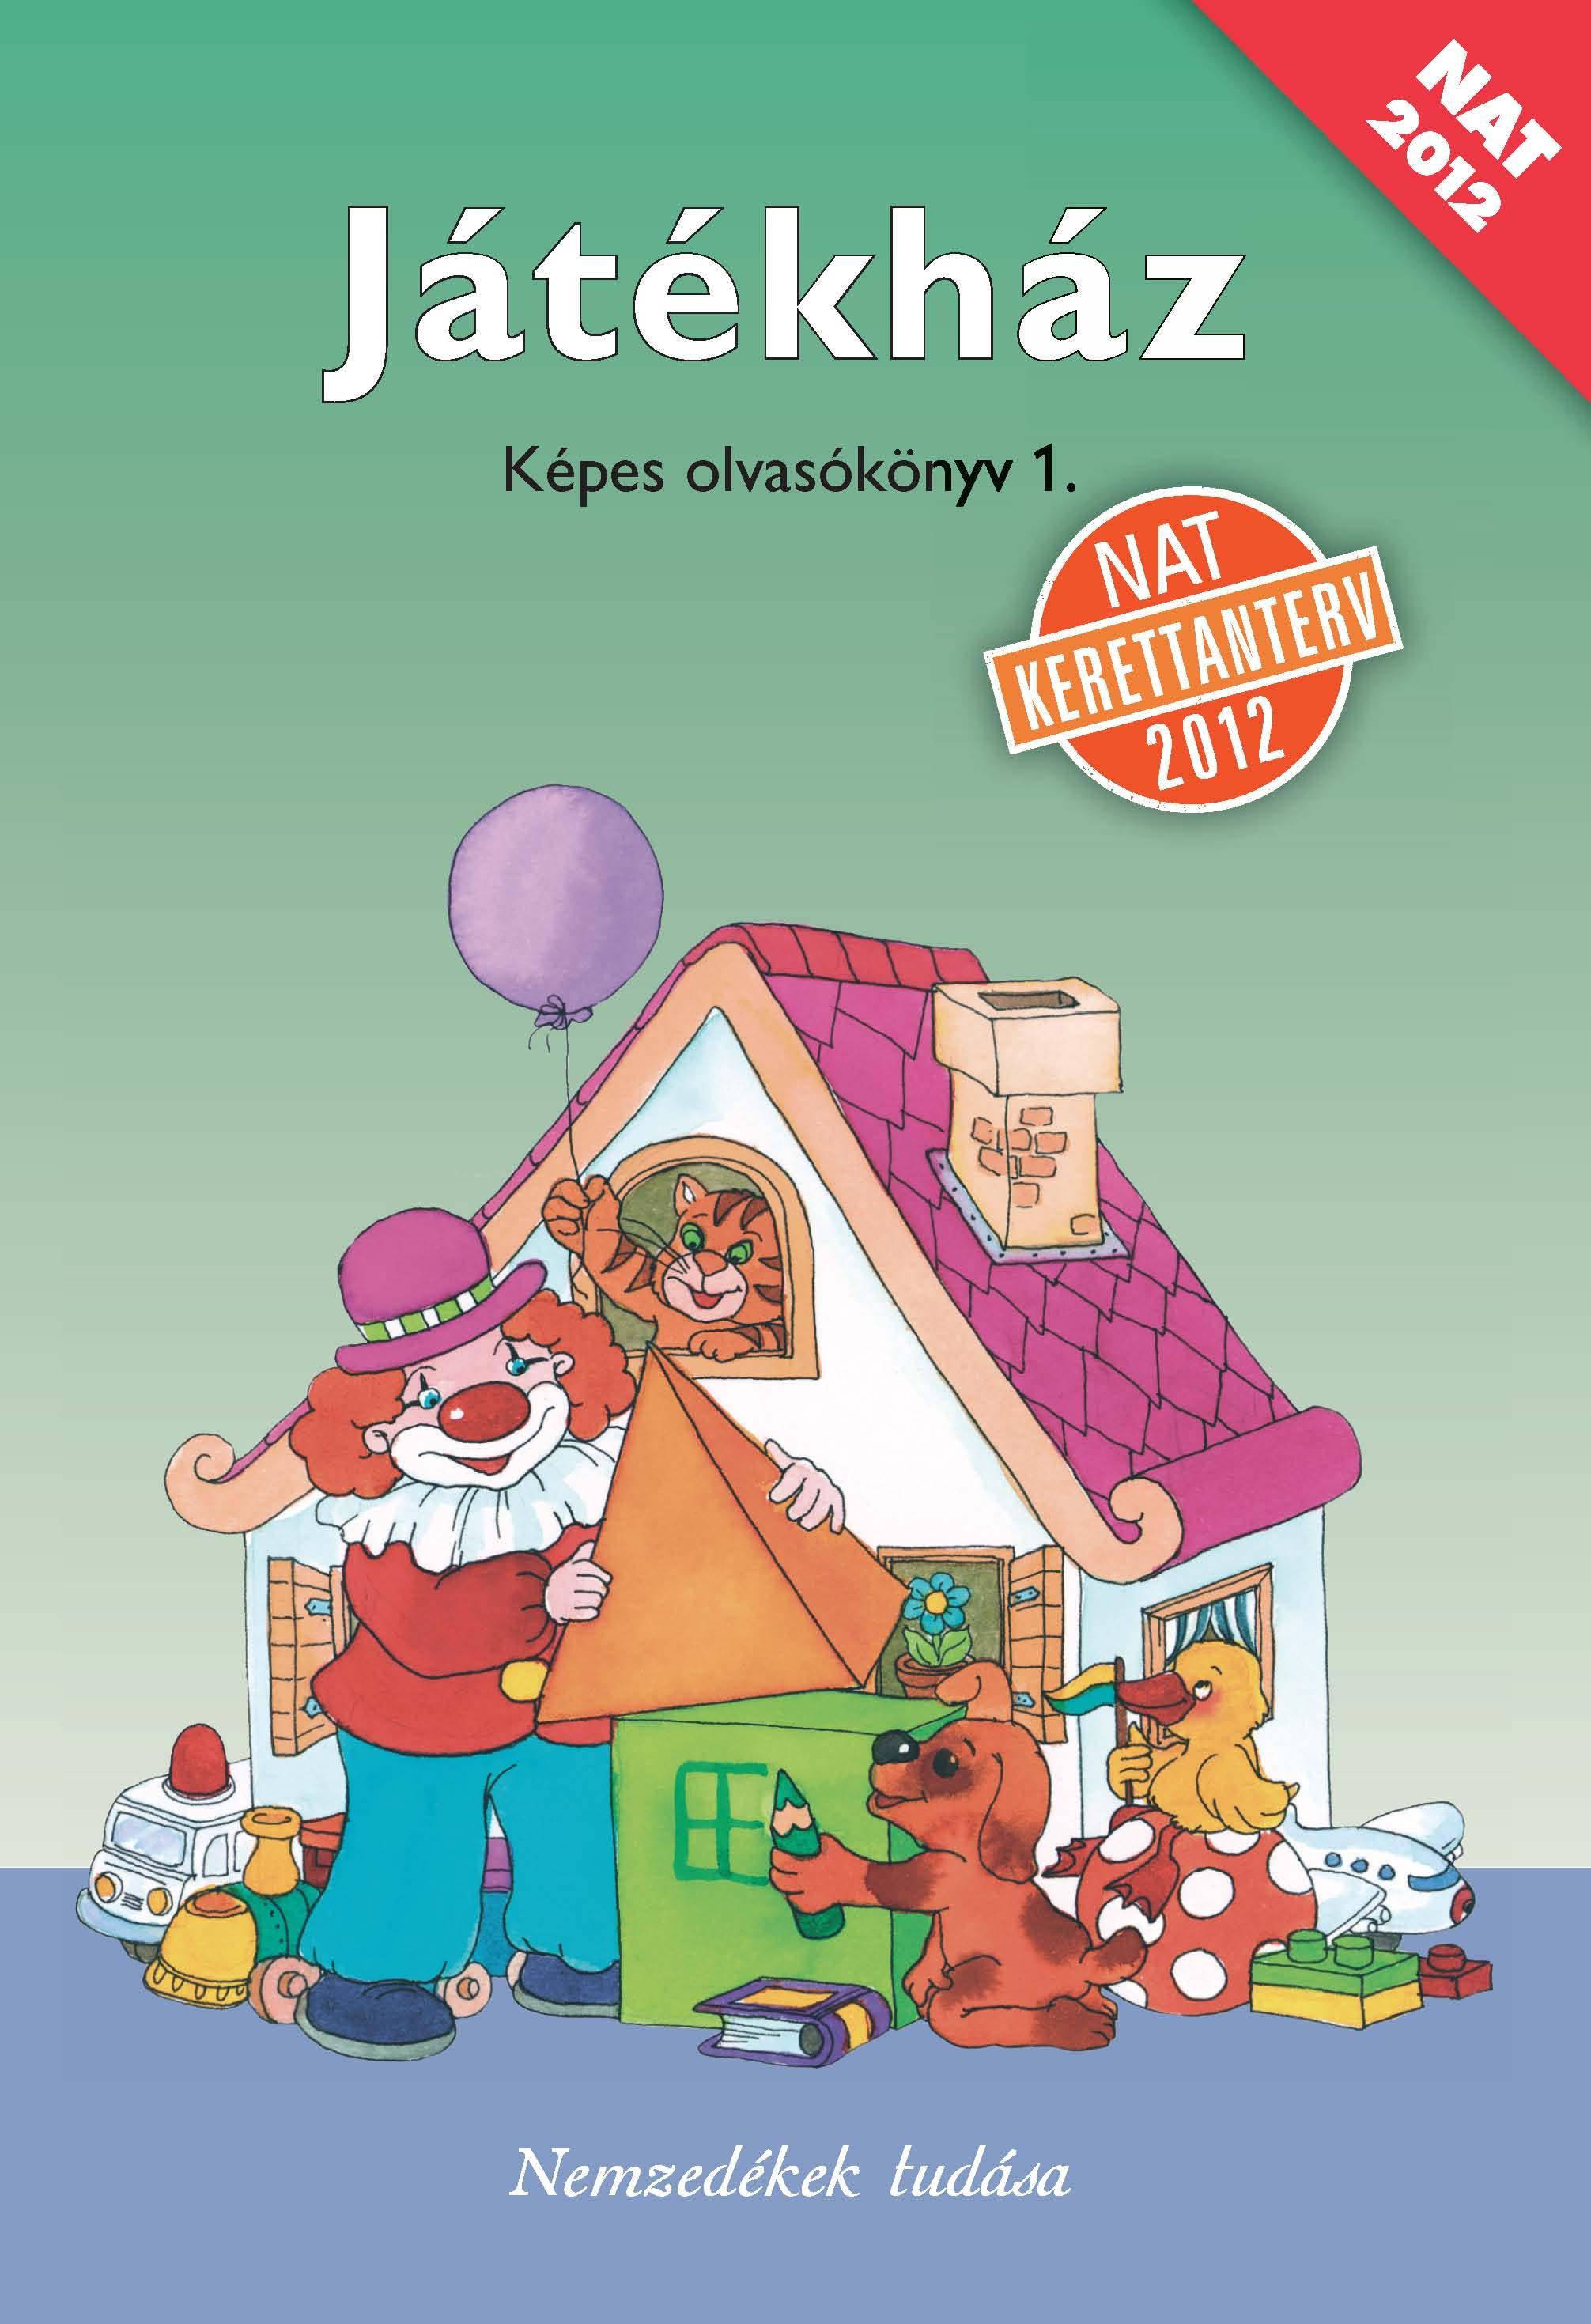 Játékház. Képes olvasókönyv az általános iskola 1. osztálya számára